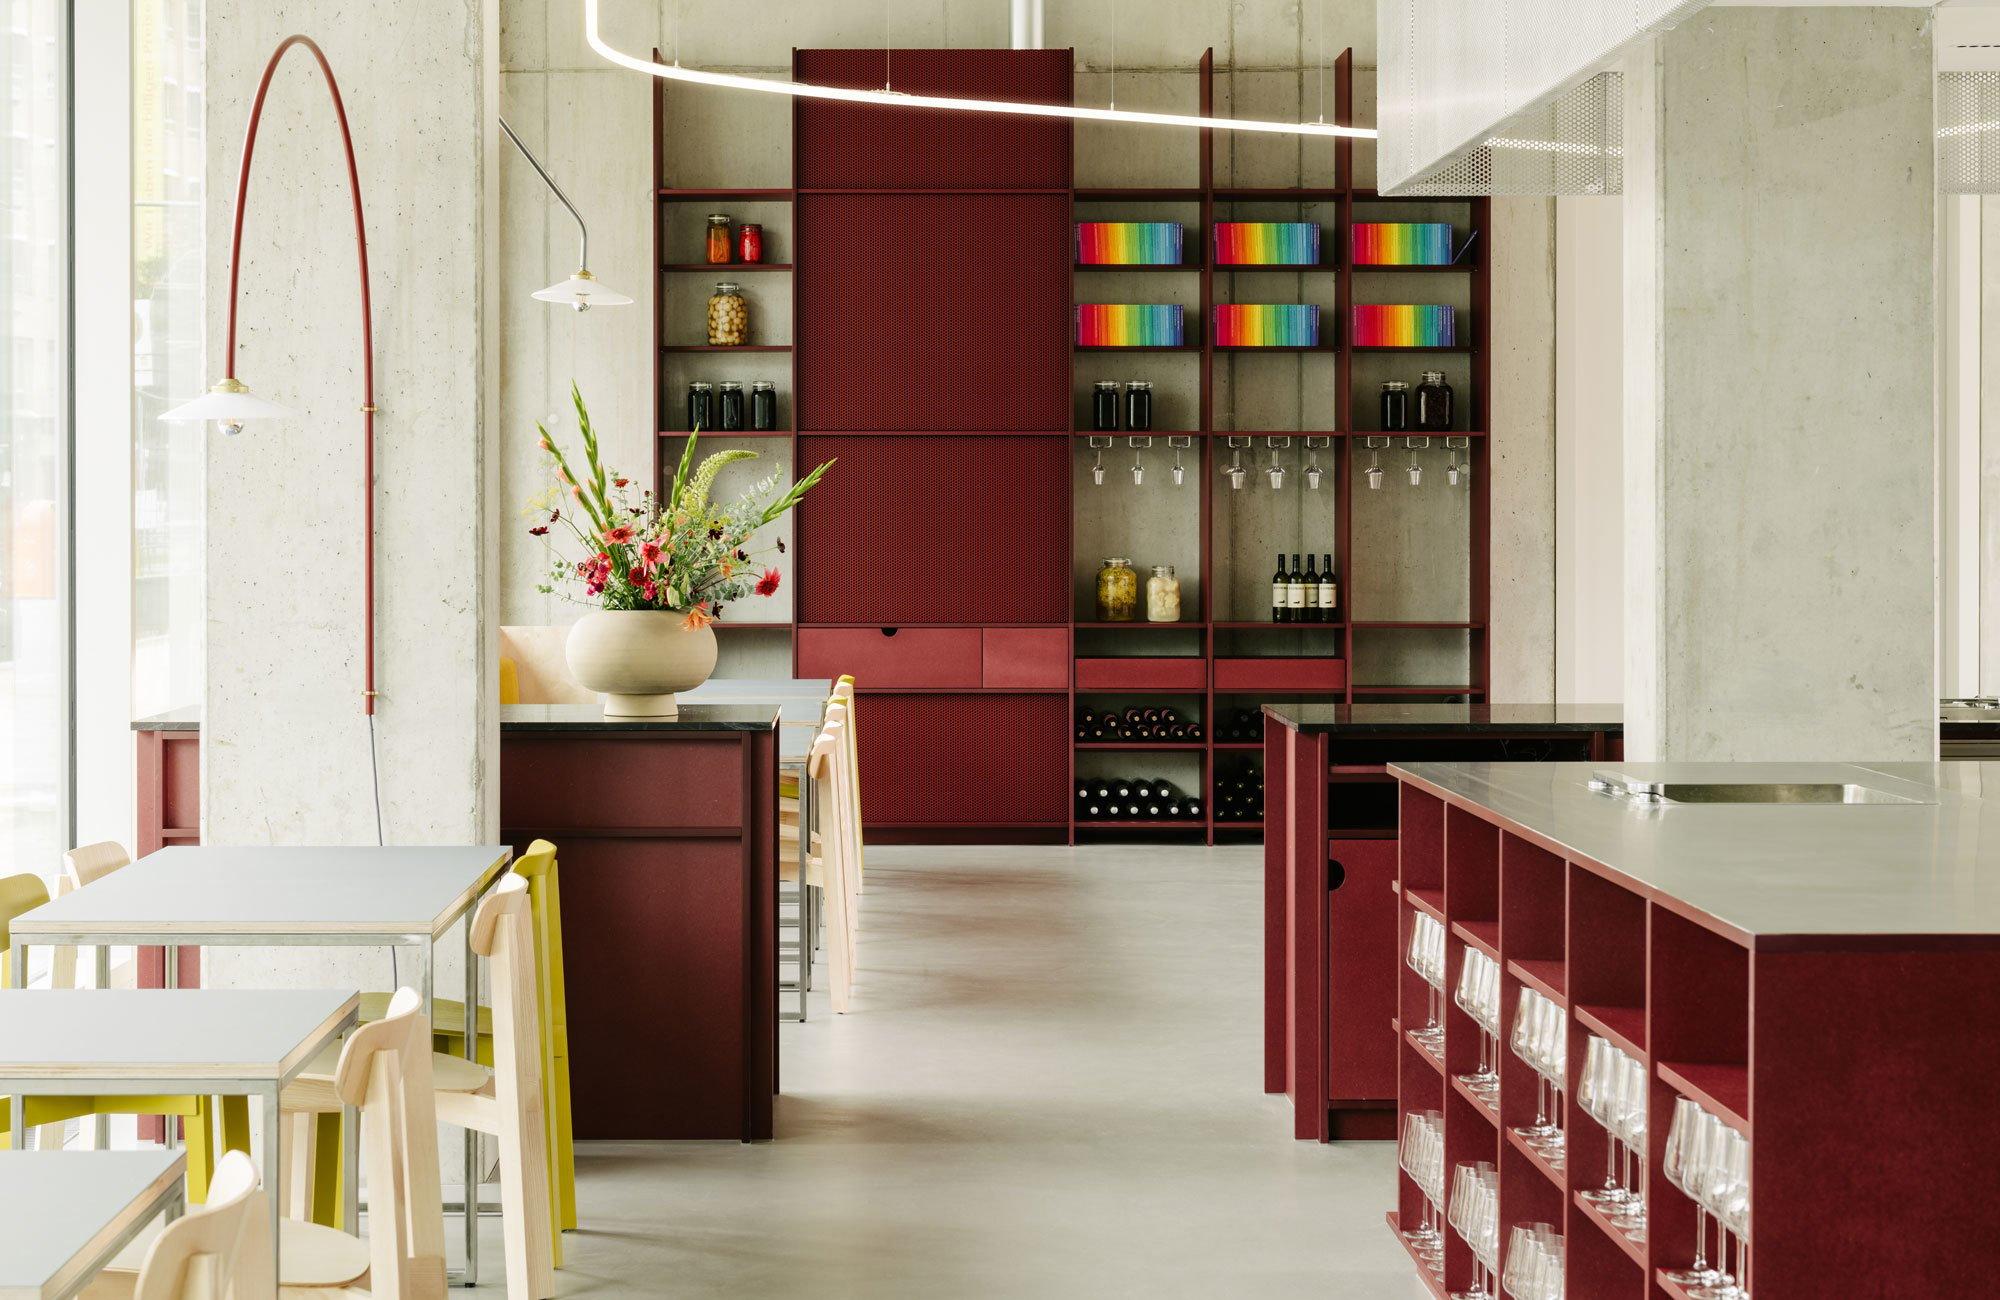 """""""Die beiden Küchenchefs wünschten, dass das Remi an die traditionellen Cafés erinnert, die sie früher zu Hause in den Niederlanden besuchten. Wir fühlten uns von der informellen Atmosphäre inspiriert"""", umschreibt die Architektin Ester Bruzkus ihr Briefing für die Gestaltung der Innenräume."""